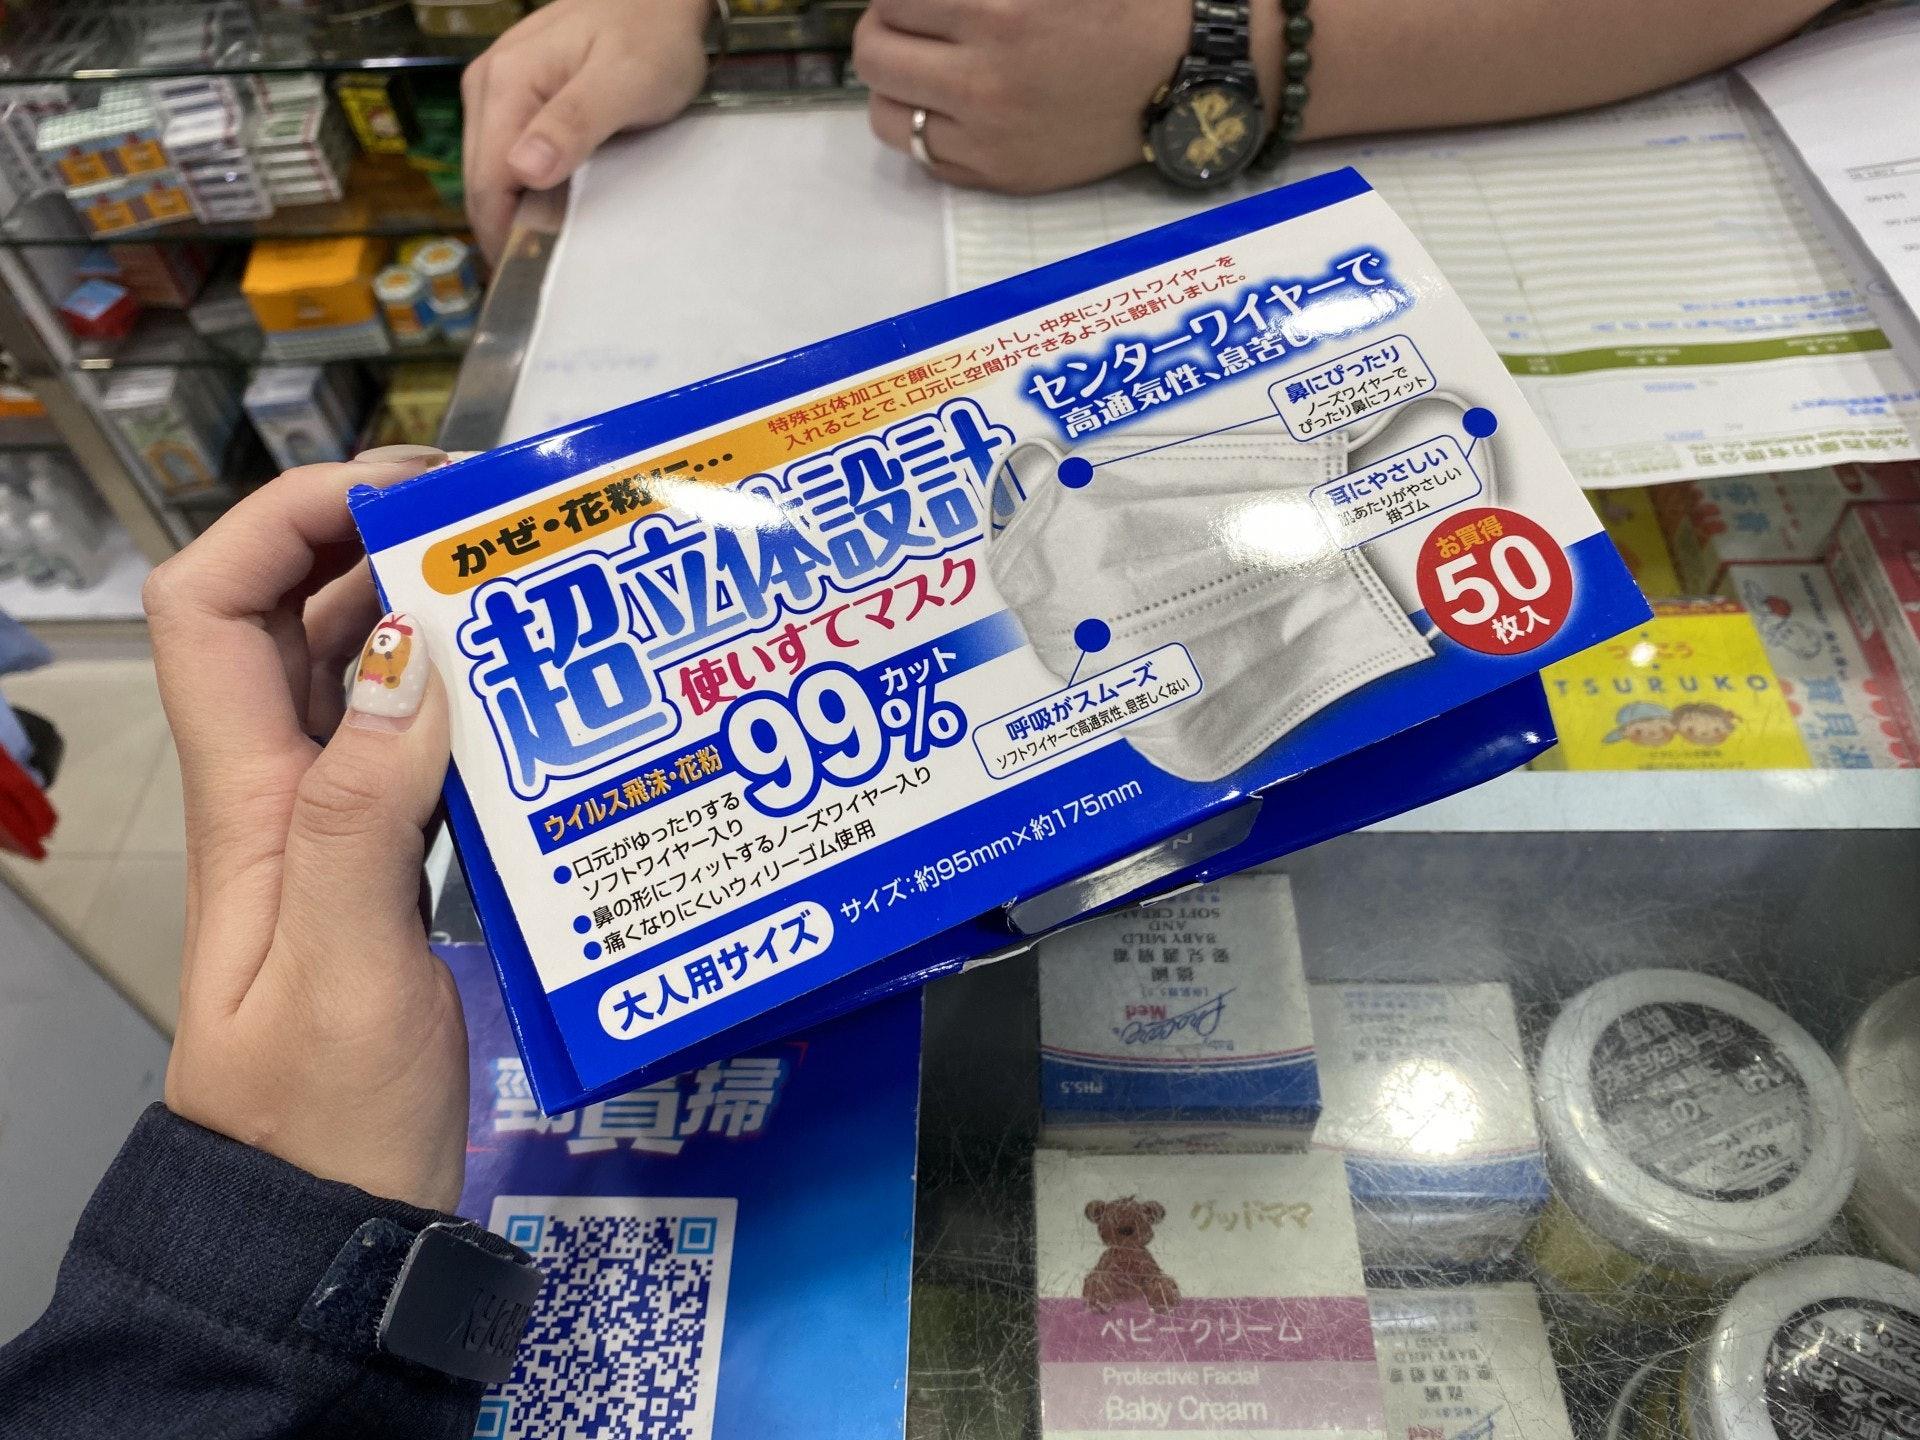 荃灣一間藥房職員指,店內口罩全是中國製造,但有通過日本品質認證。